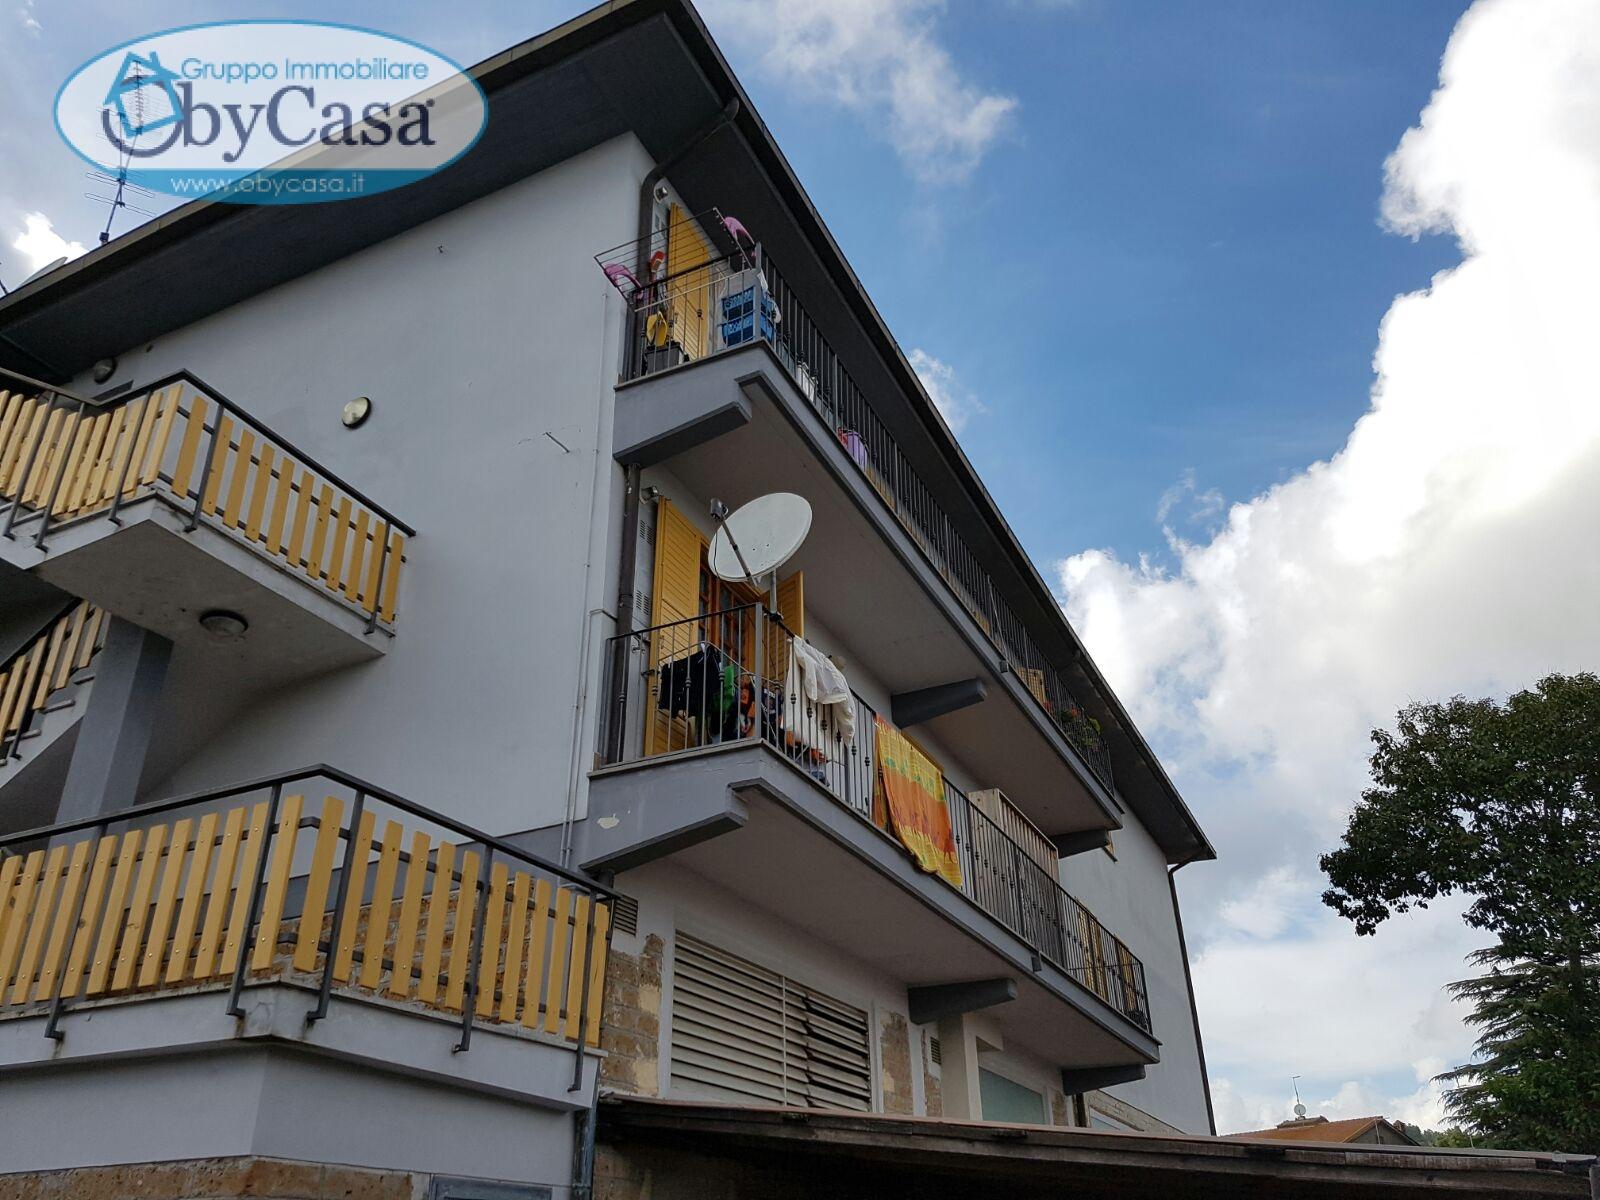 Appartamento in vendita a Manziana, 3 locali, prezzo € 110.000 | Cambio Casa.it